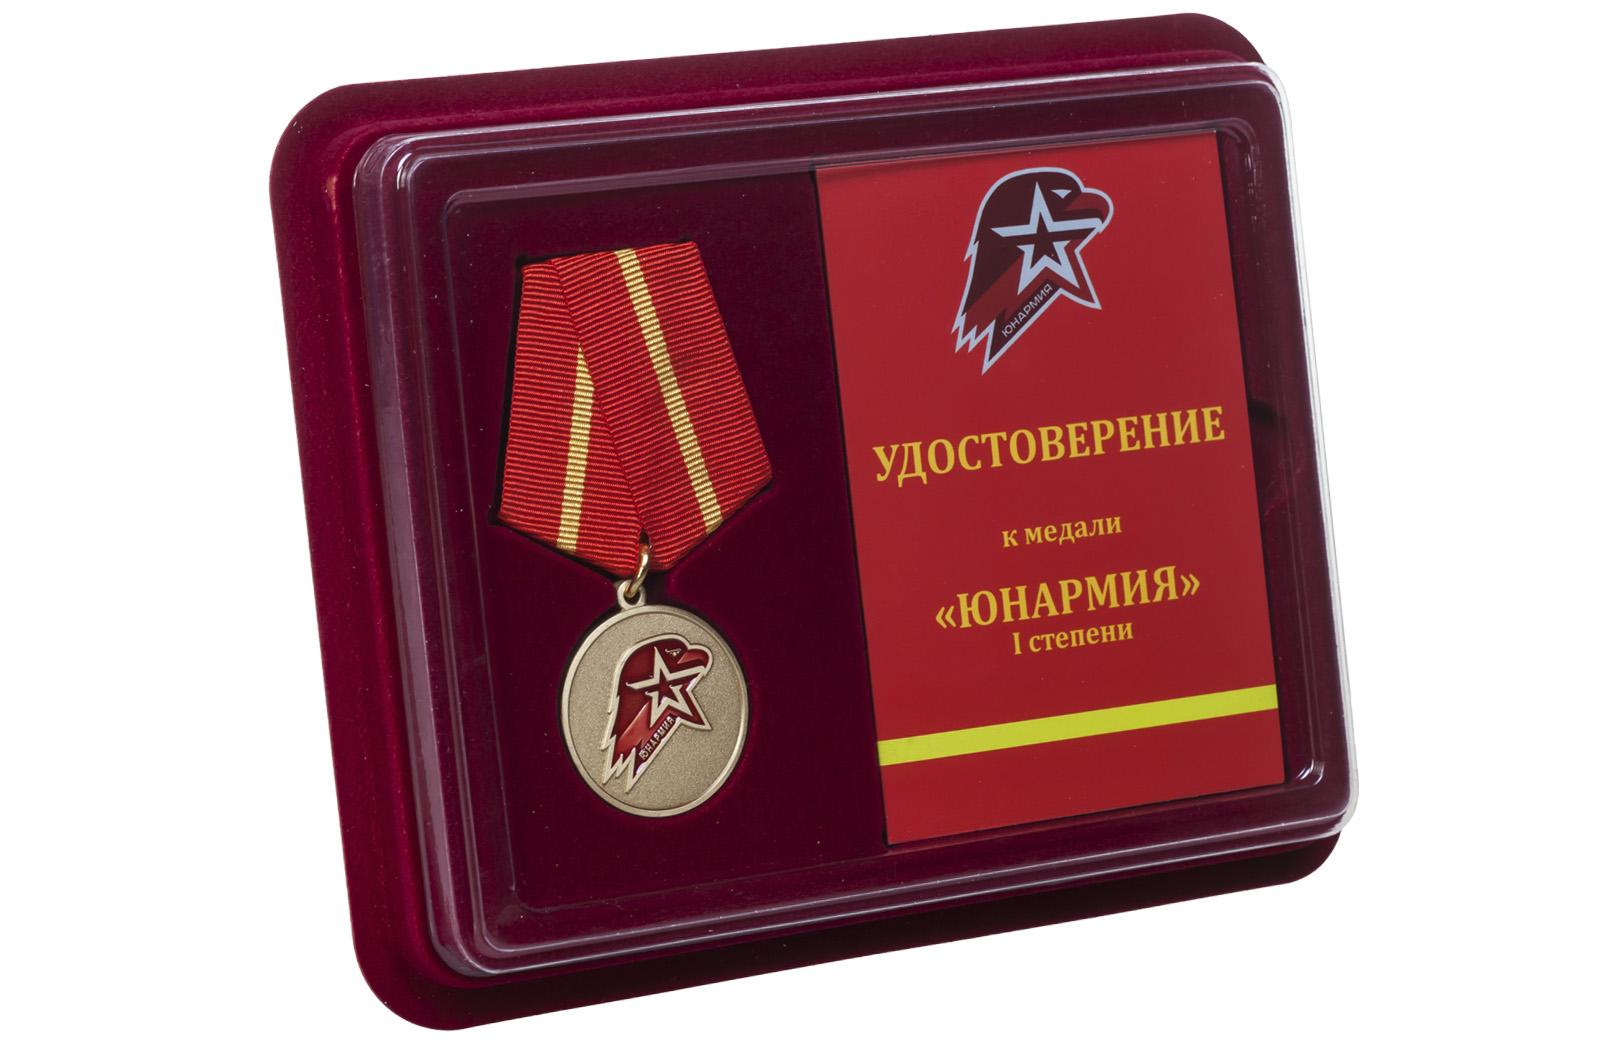 Купить медаль Юнармии 1 степени в футляре с удостоверением оптом или в розницу